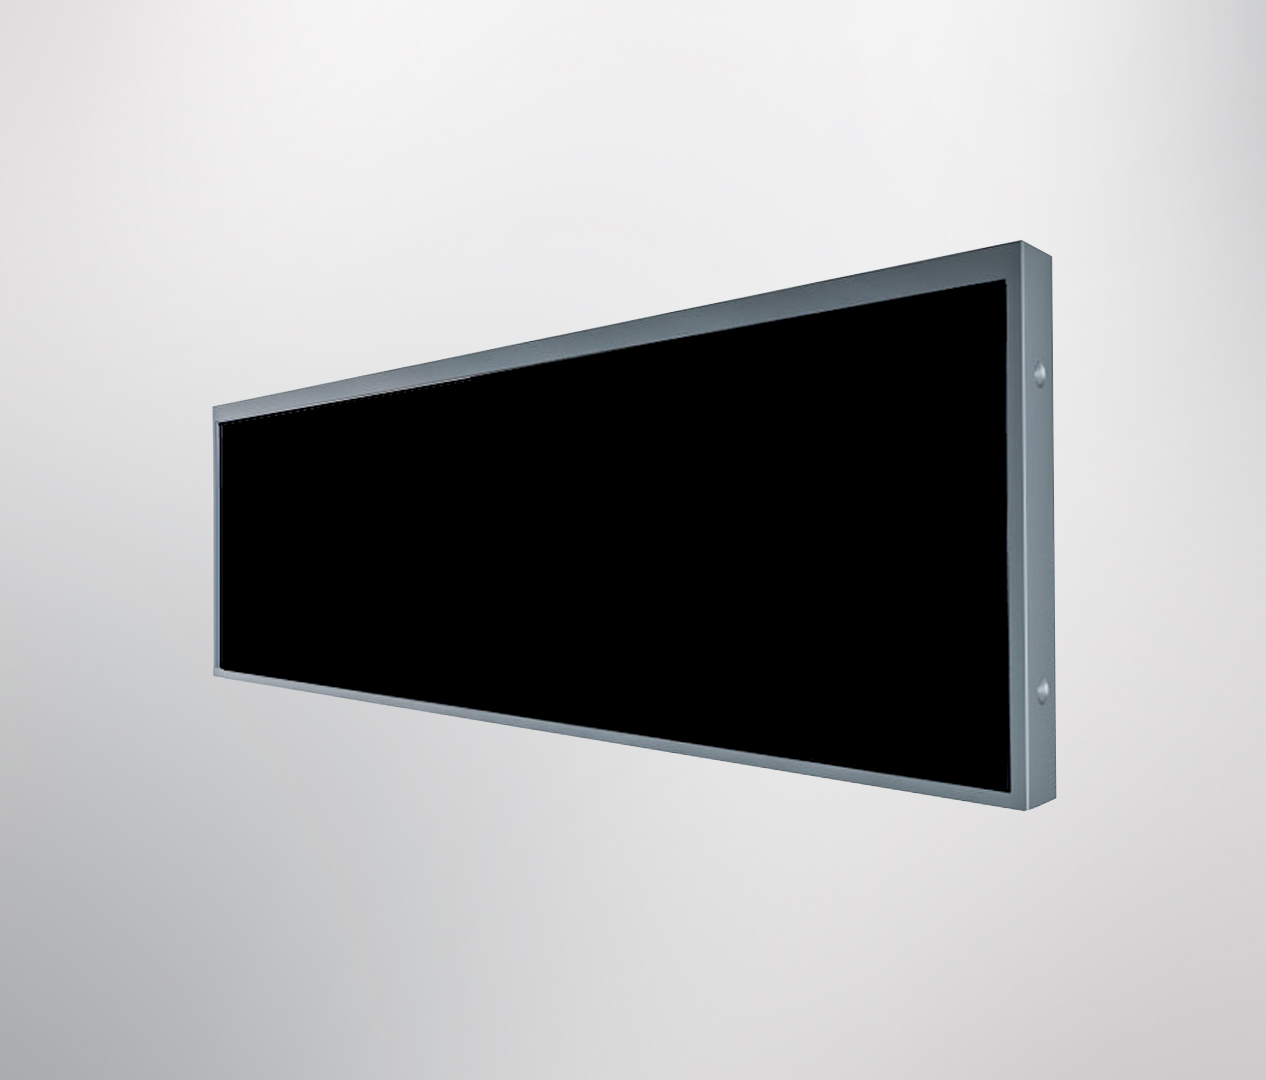 LCD Media Player - Zweyloeven Werbeproduktion GmbH